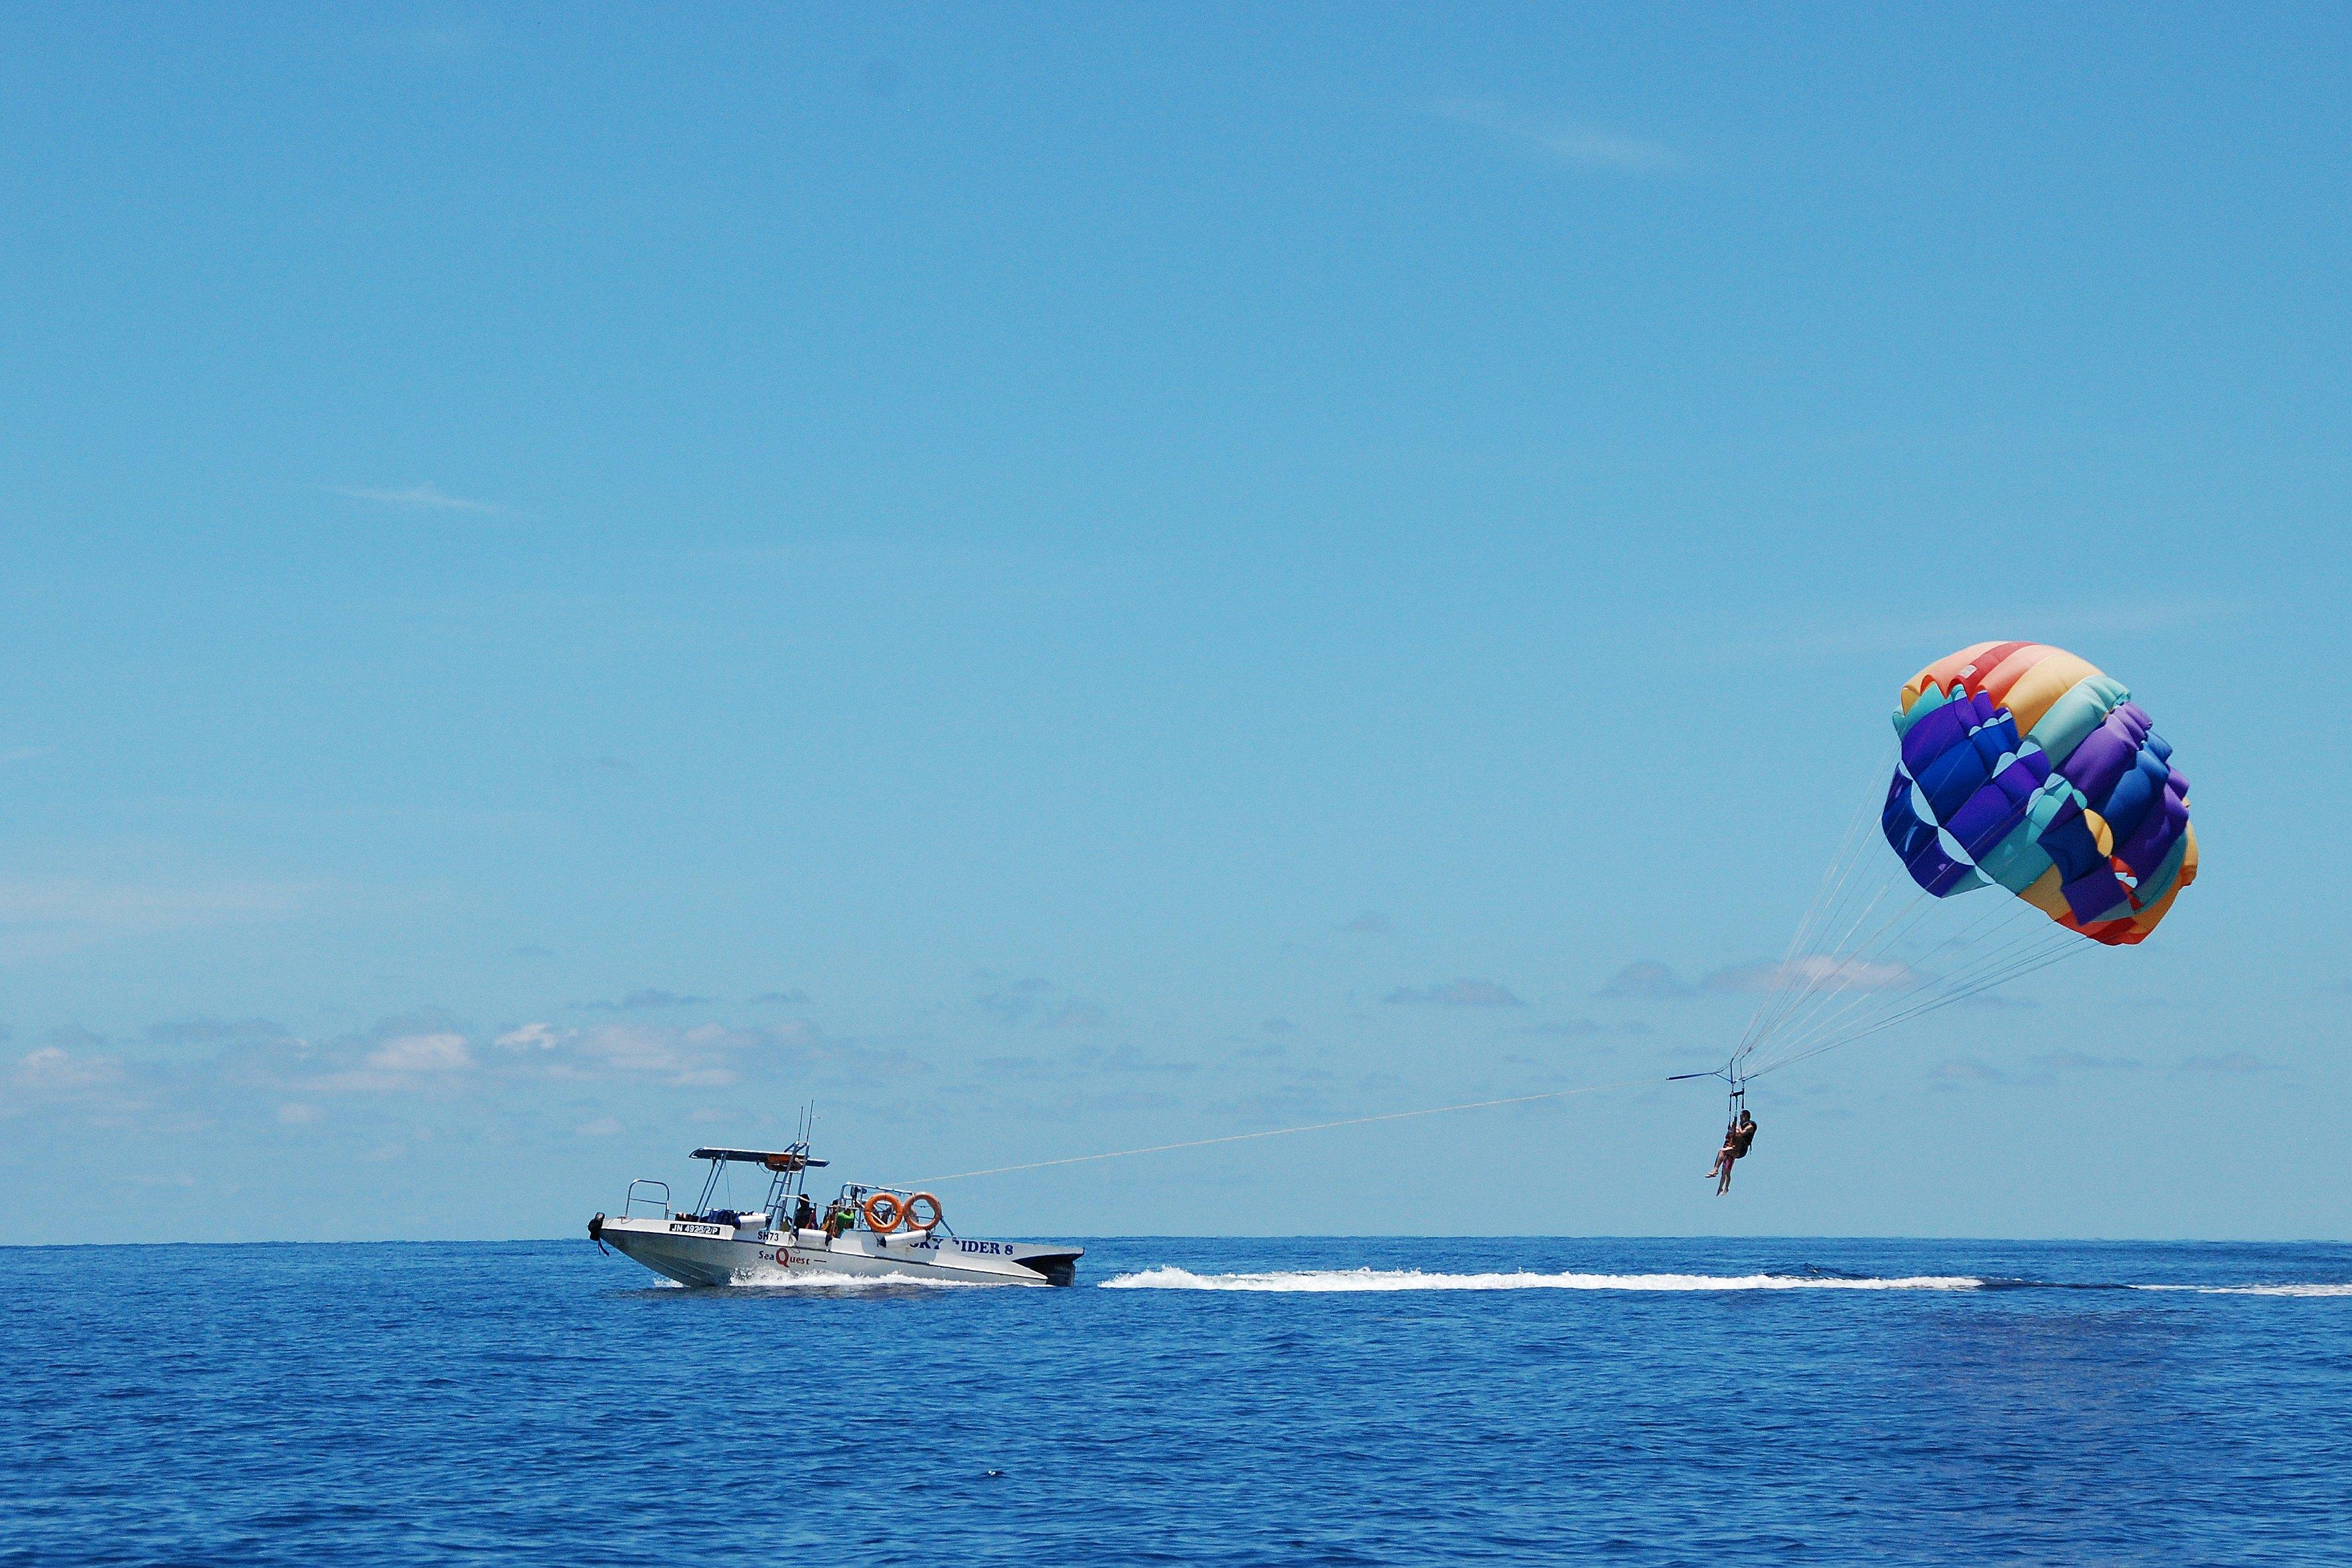 四川麻将记牌技巧_手机游戏免费下载白金岛怎么样,马尔代夫白金岛攻略 - 怡橙假期马尔代夫美丽回忆——白金岛游记 美丽回忆——白金岛 期待已久的马尔代夫之旅终于在今年实现了, 马尔代夫一直是我梦想中的旅行地, 在微 博和论坛上看过很多有关马尔代夫的.